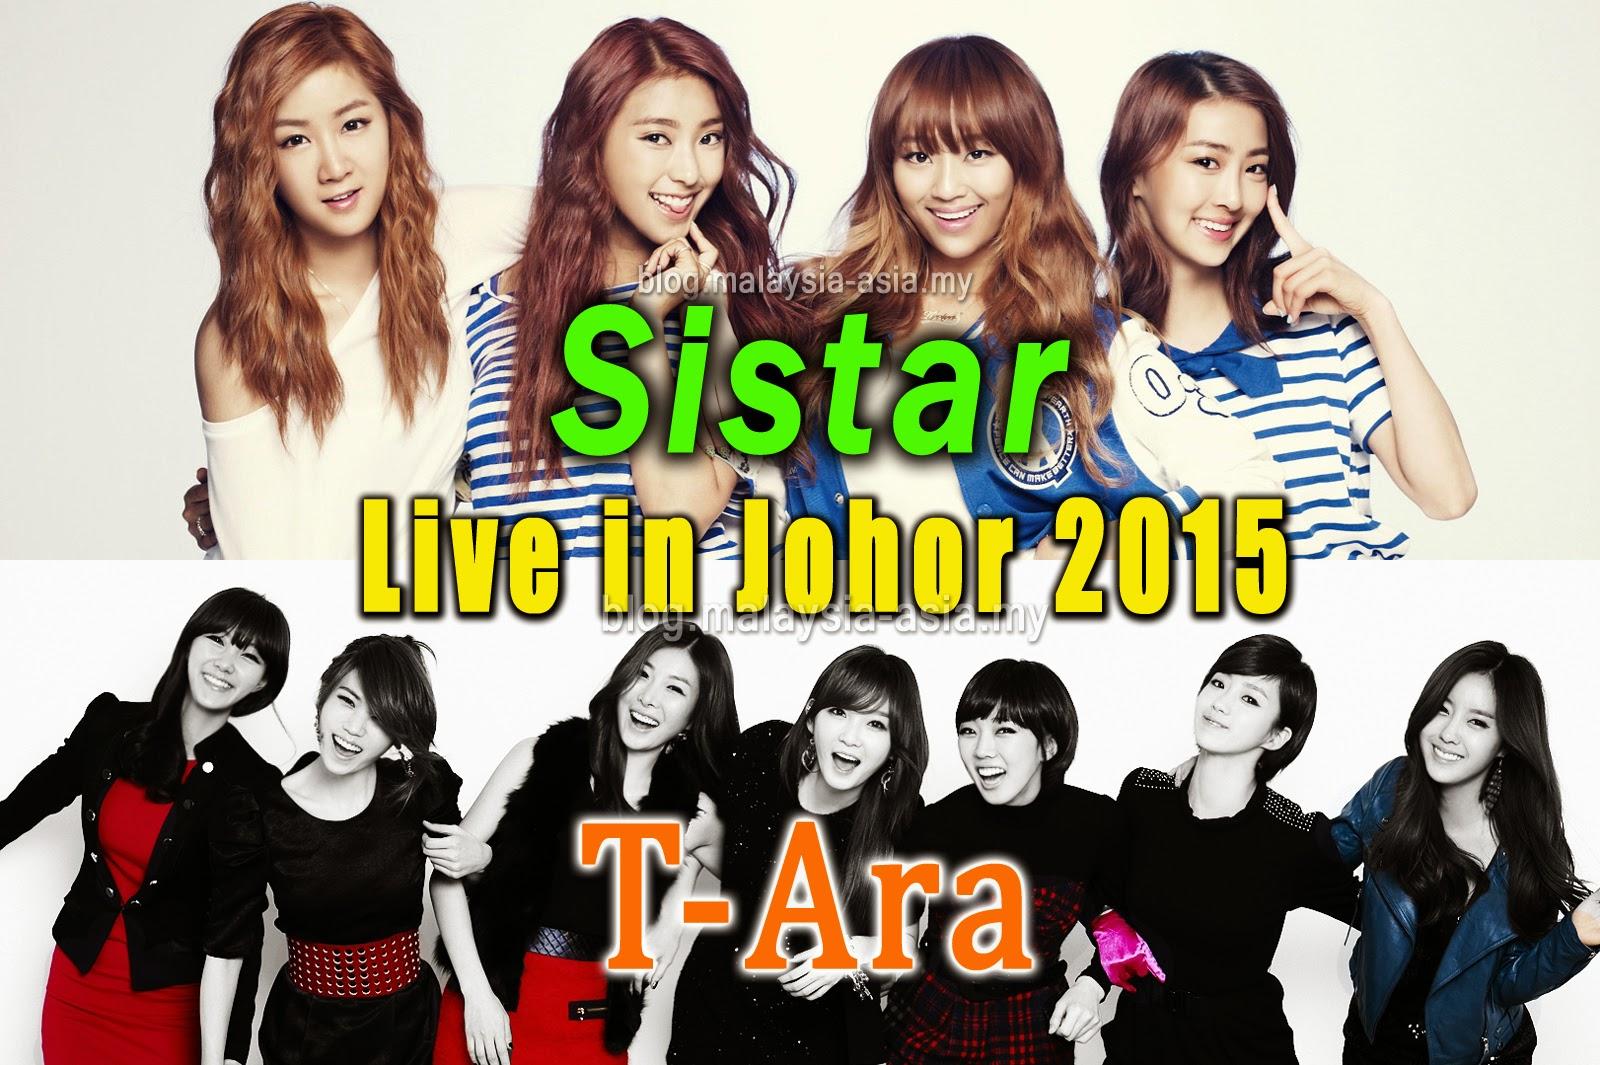 Sistar and T-Ara Concert Johor Malaysia 2015